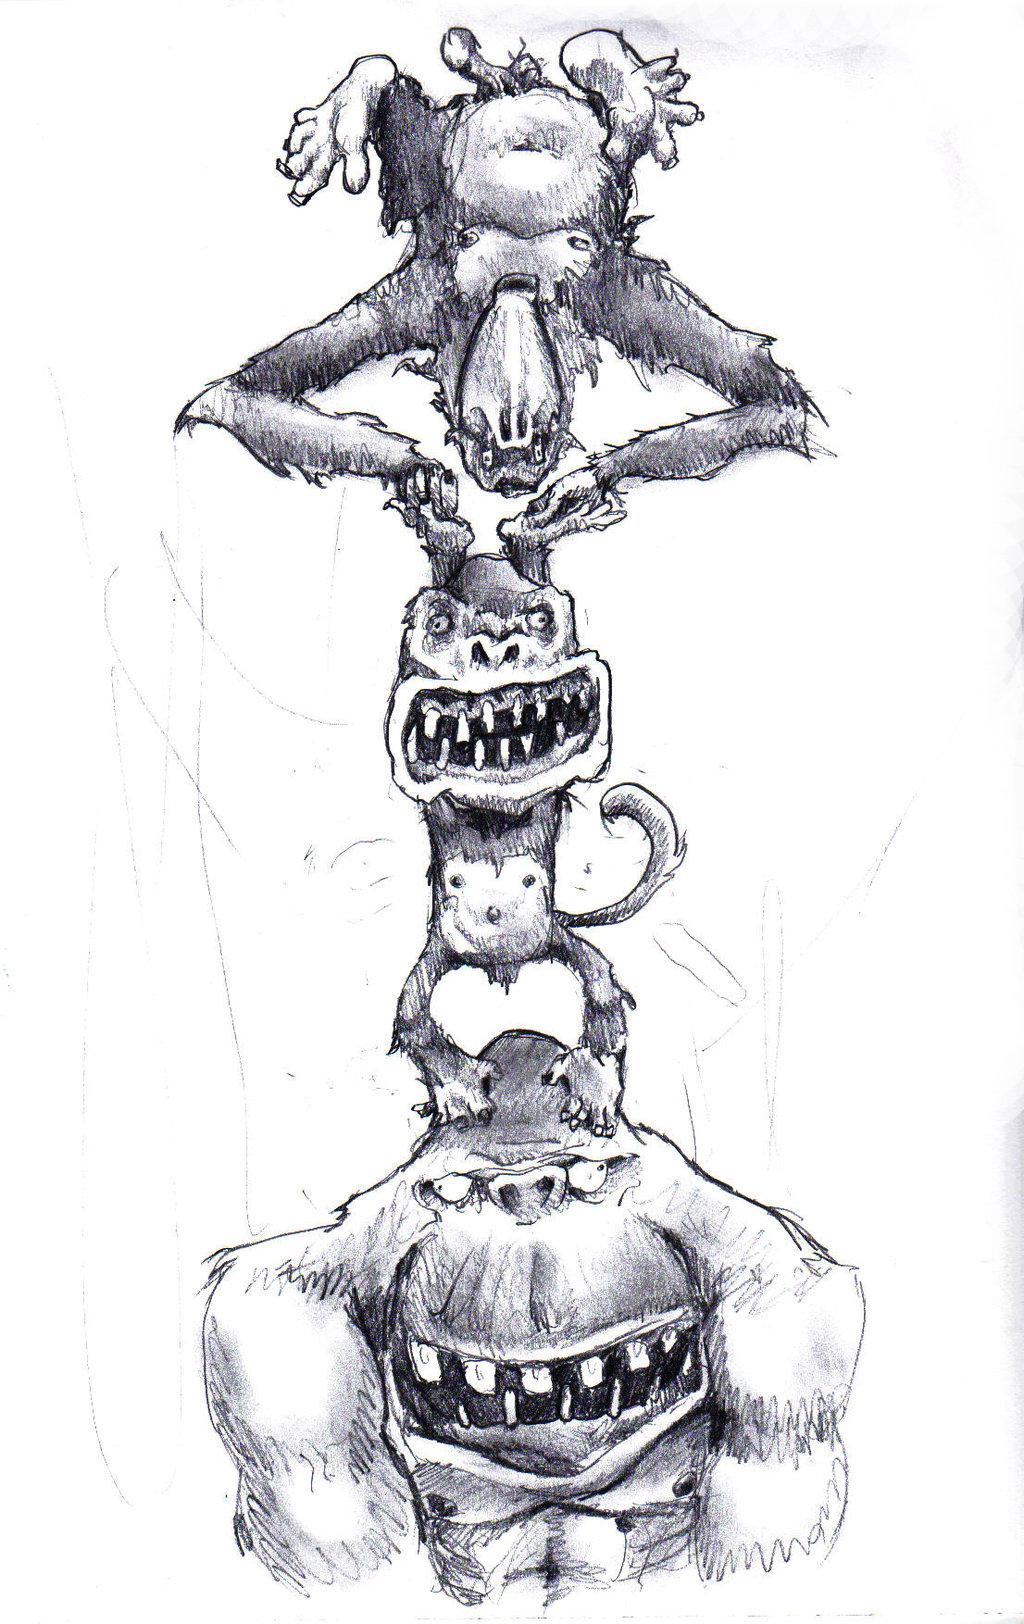 Drawn totem pole gorilla Totempole Tower DeviantArt on Tommyfromvienna